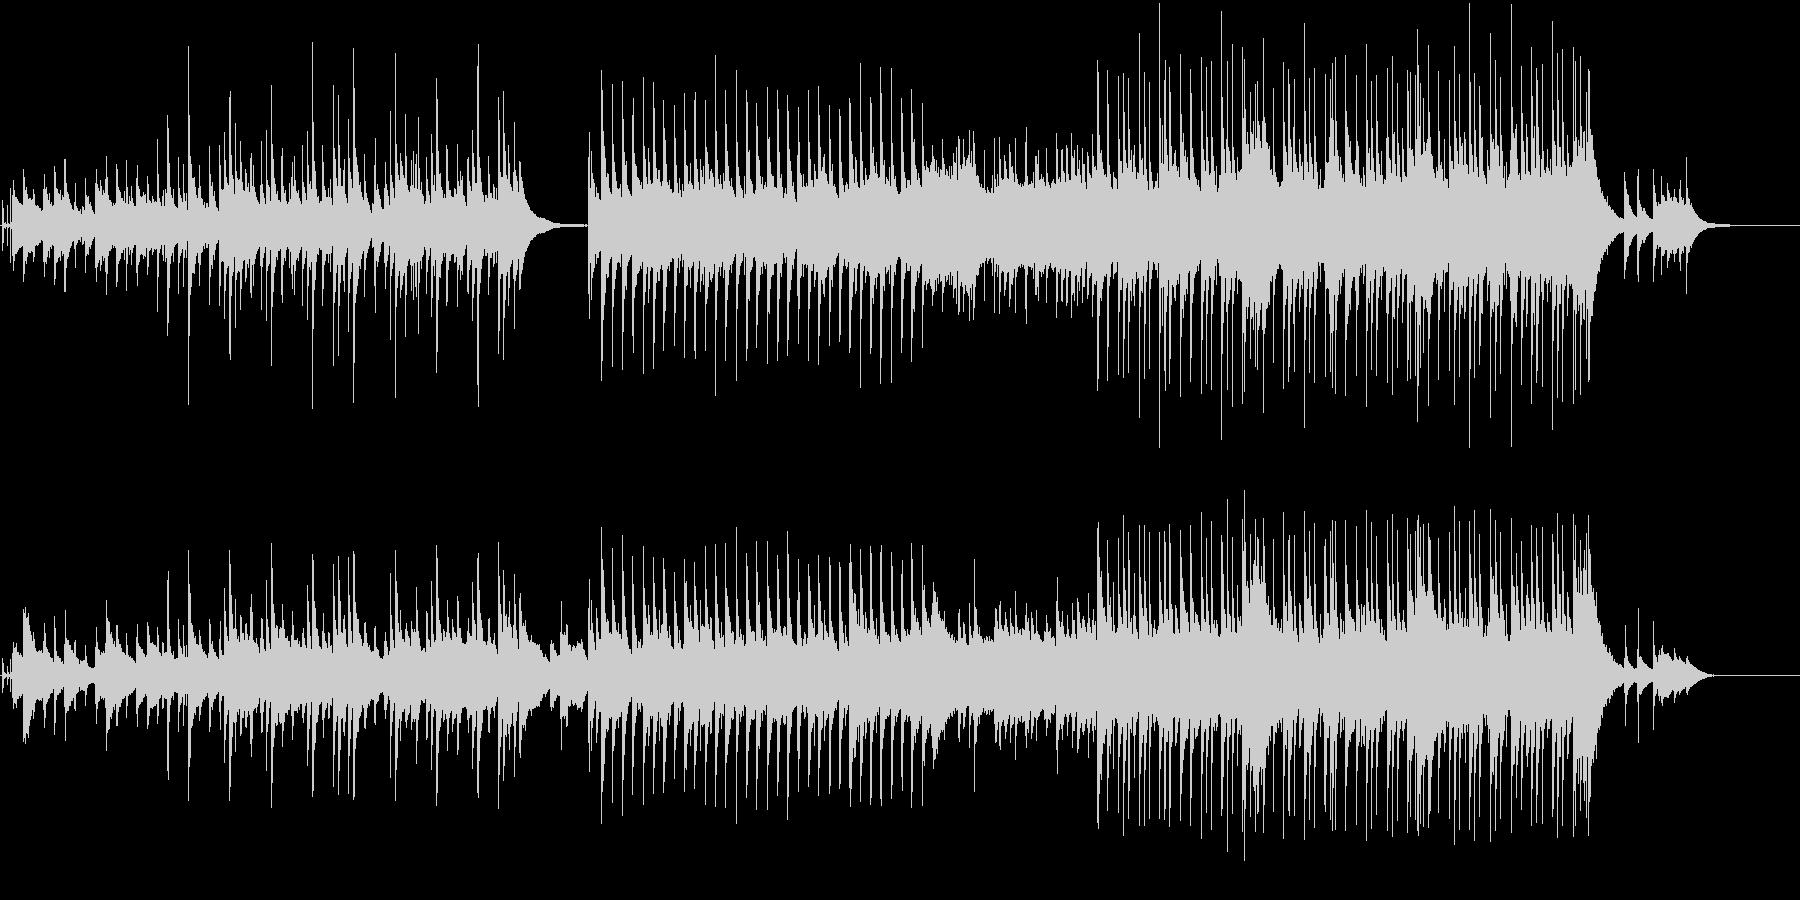 アコギとオルゴールのポップスの未再生の波形